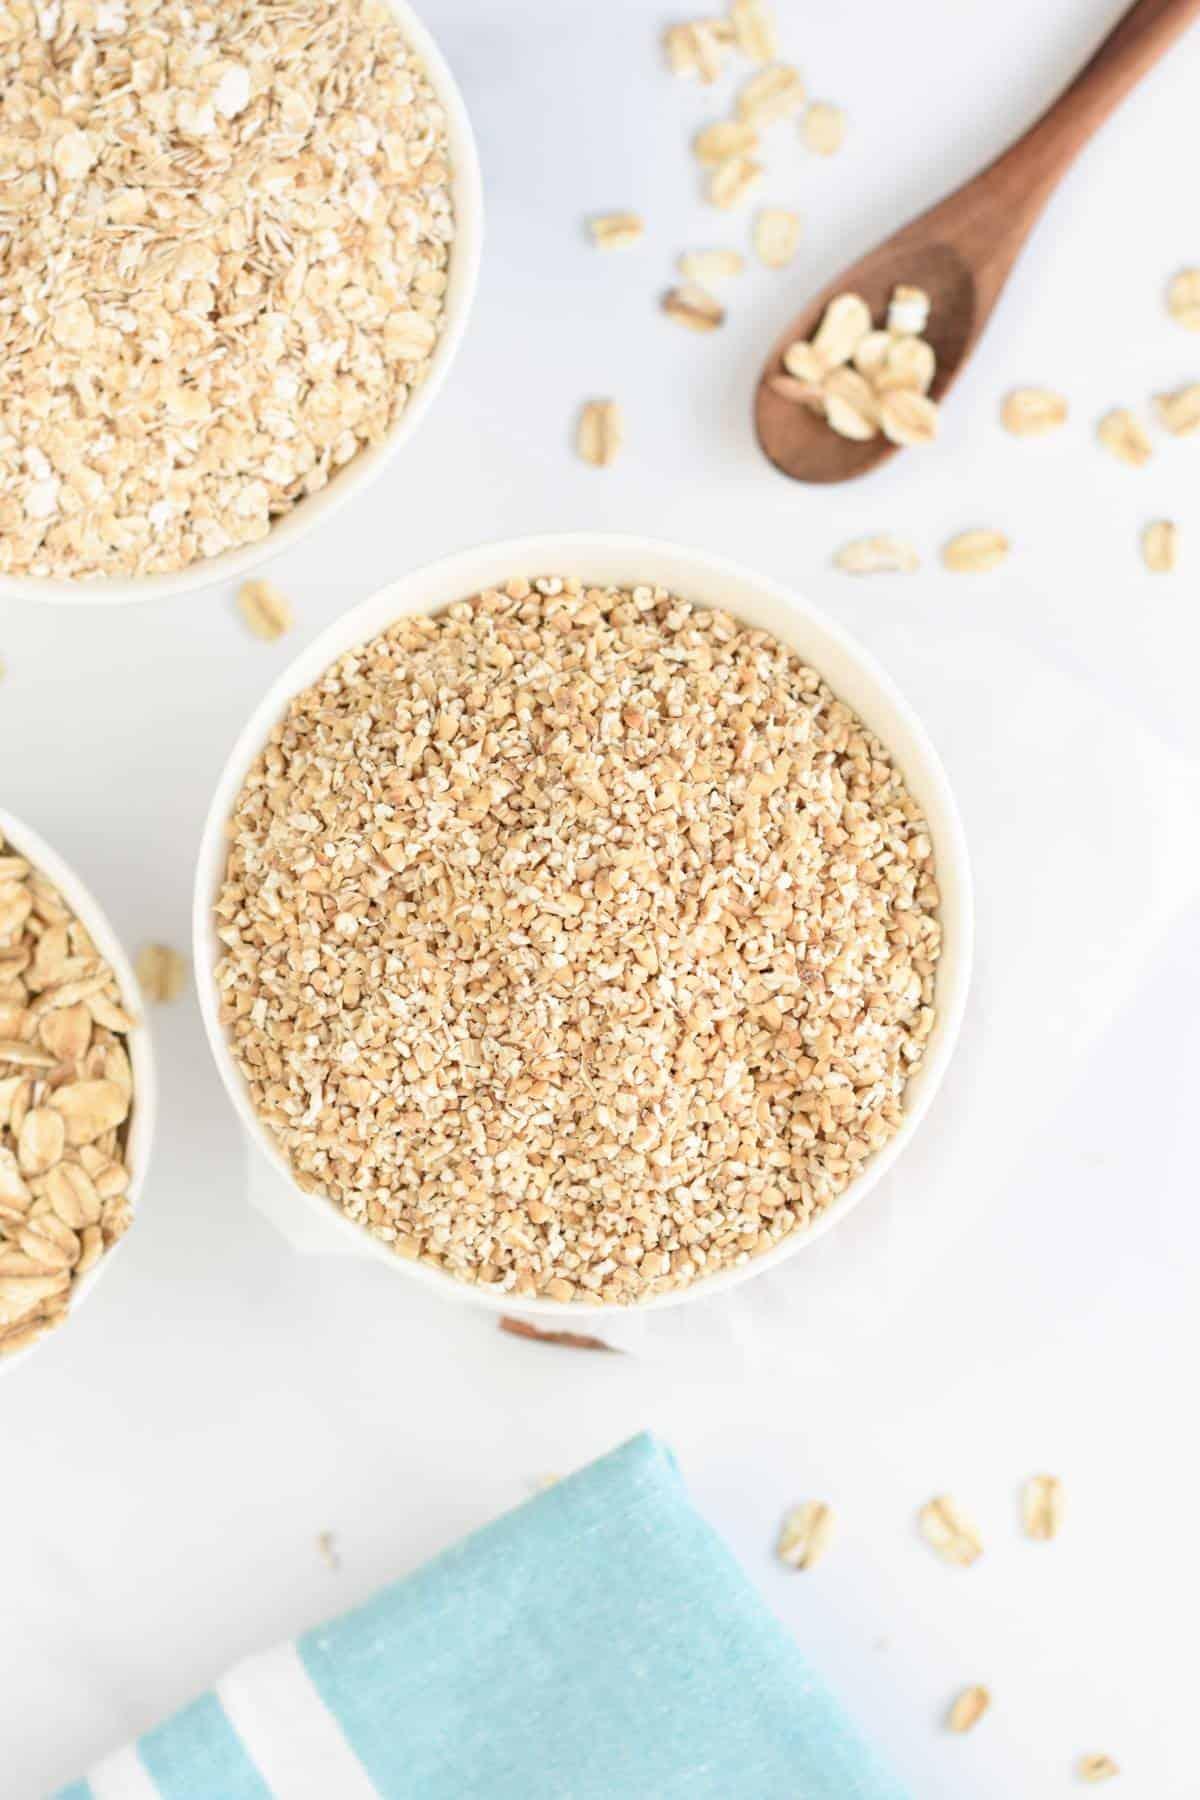 What's steel cut oats